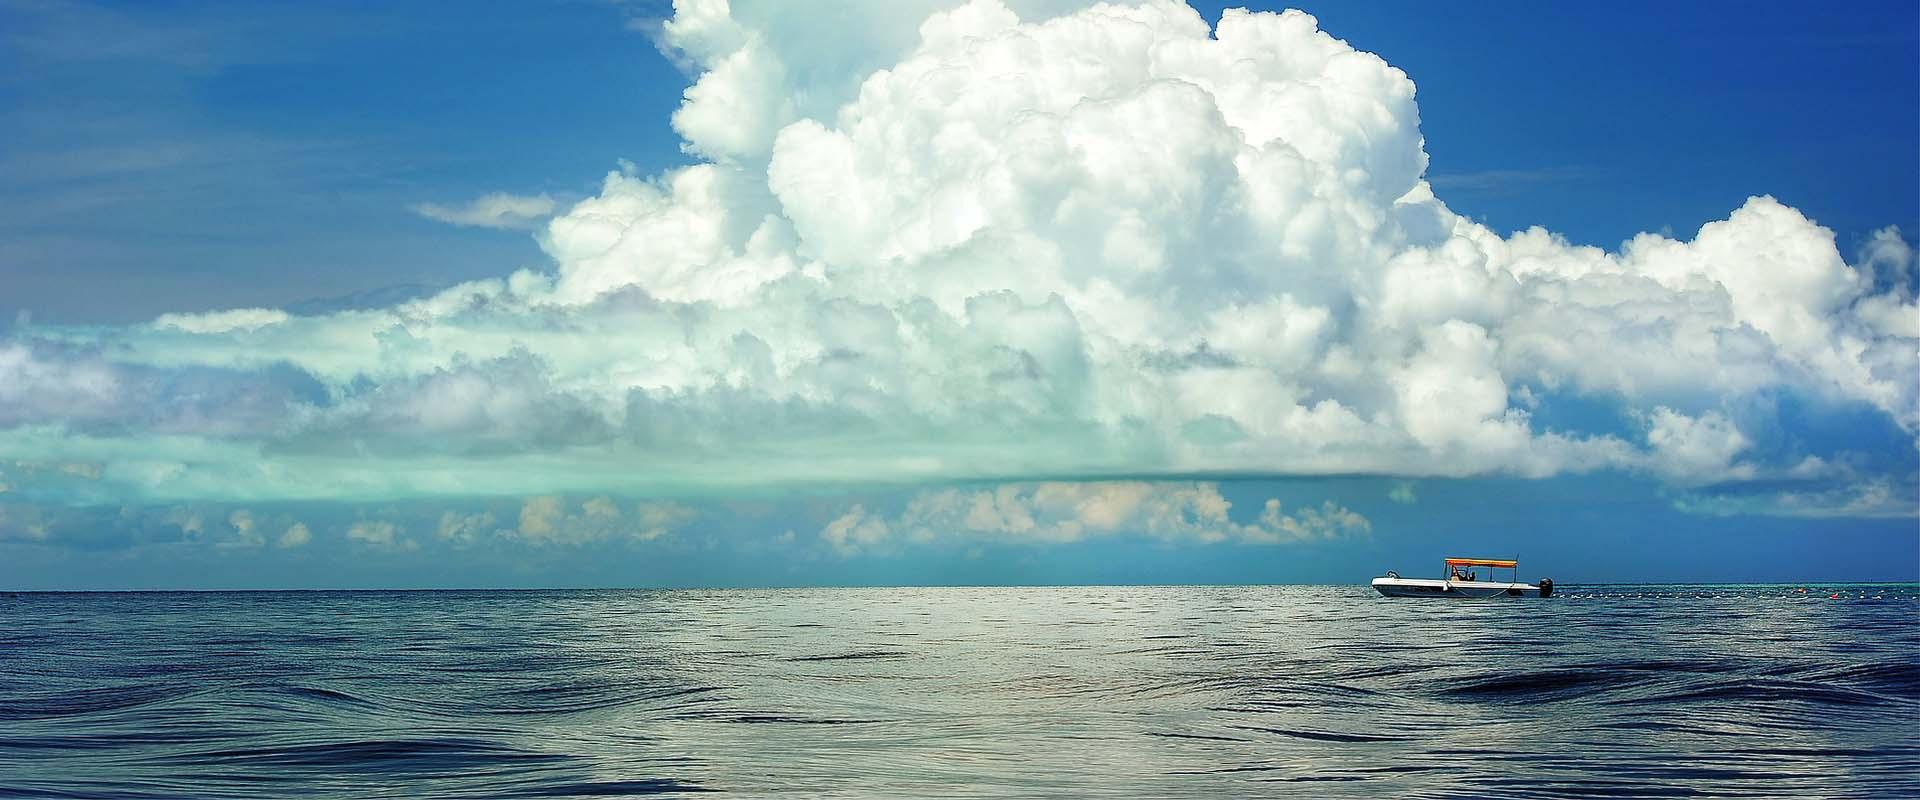 Oceans for All